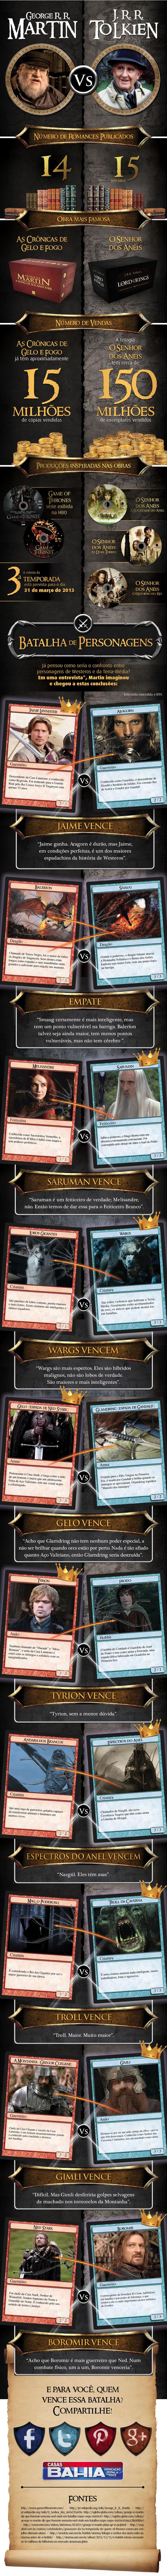 Game-of-Thrones-vs-Senhor-dos-Aneis